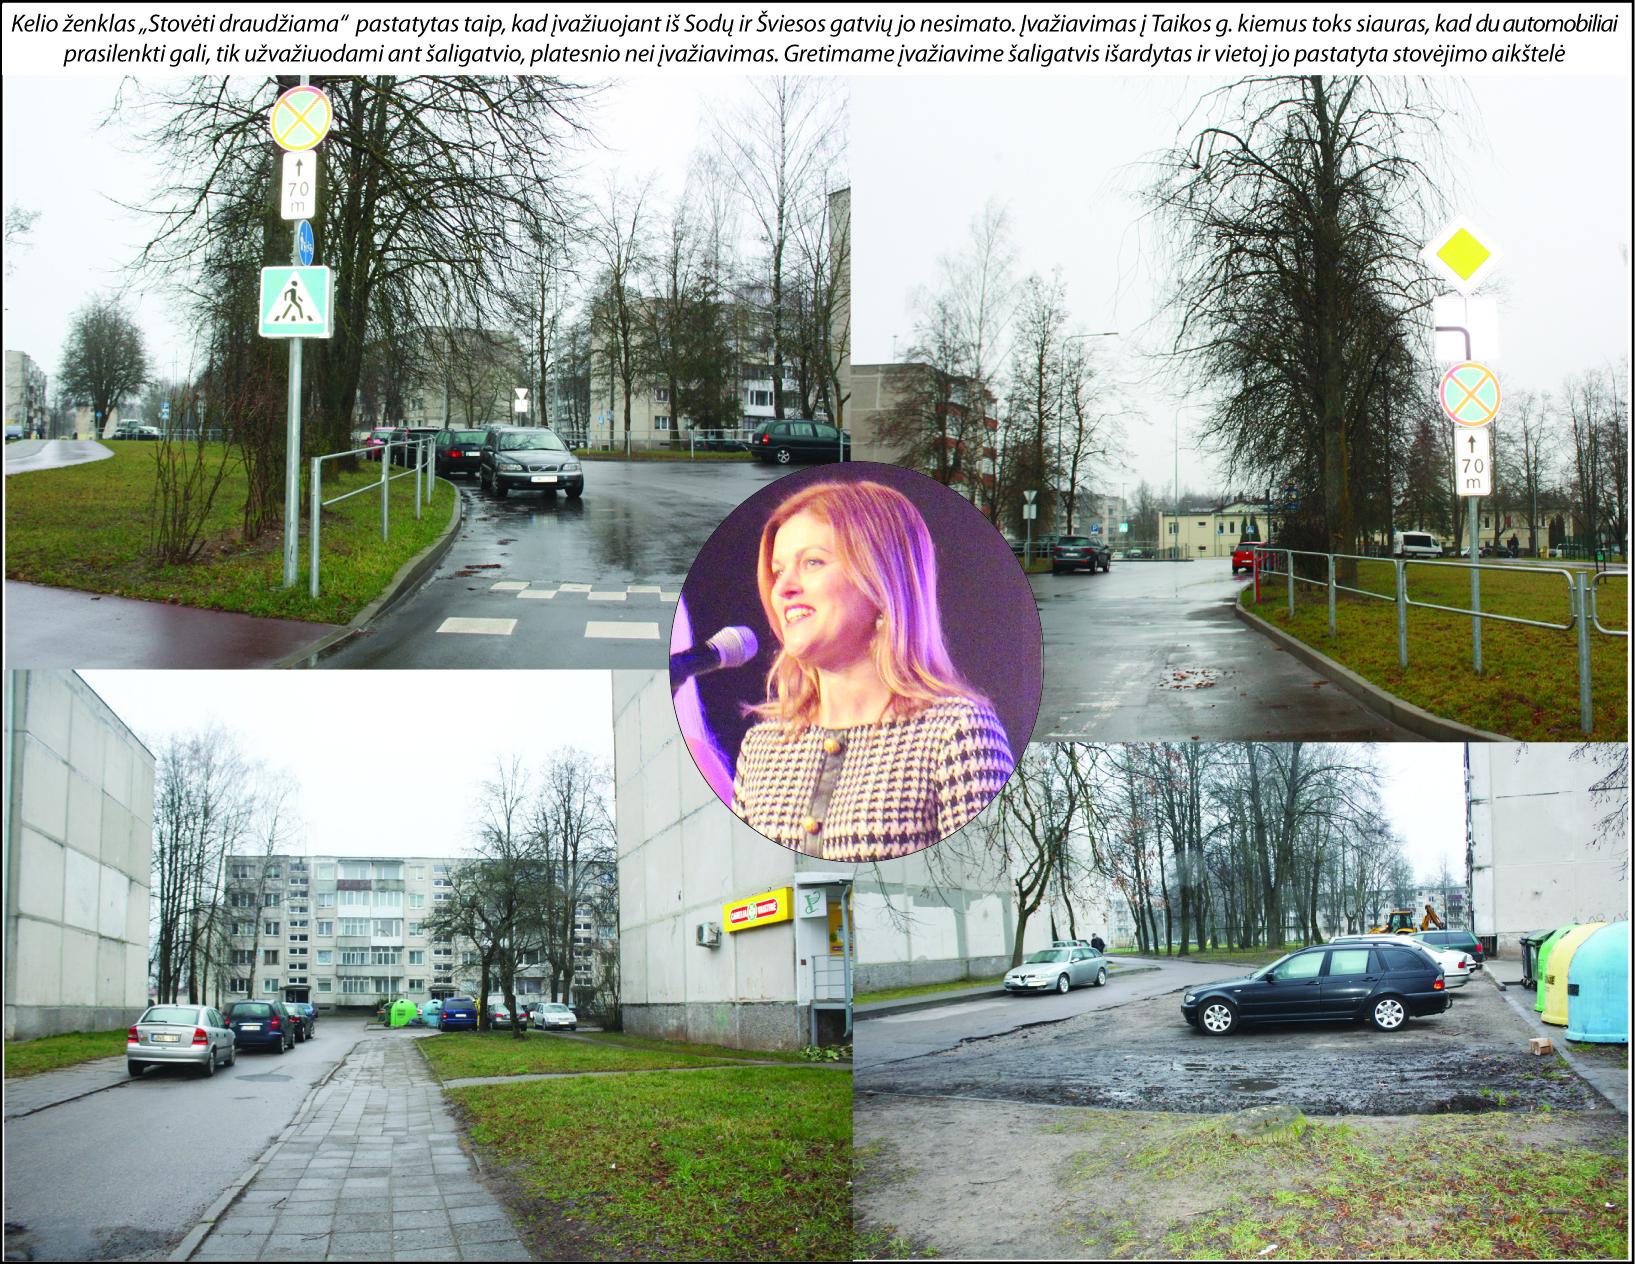 Kelio ženklų Elektrėnuose statymo ypatumai: uždrausti, (ne)bausti